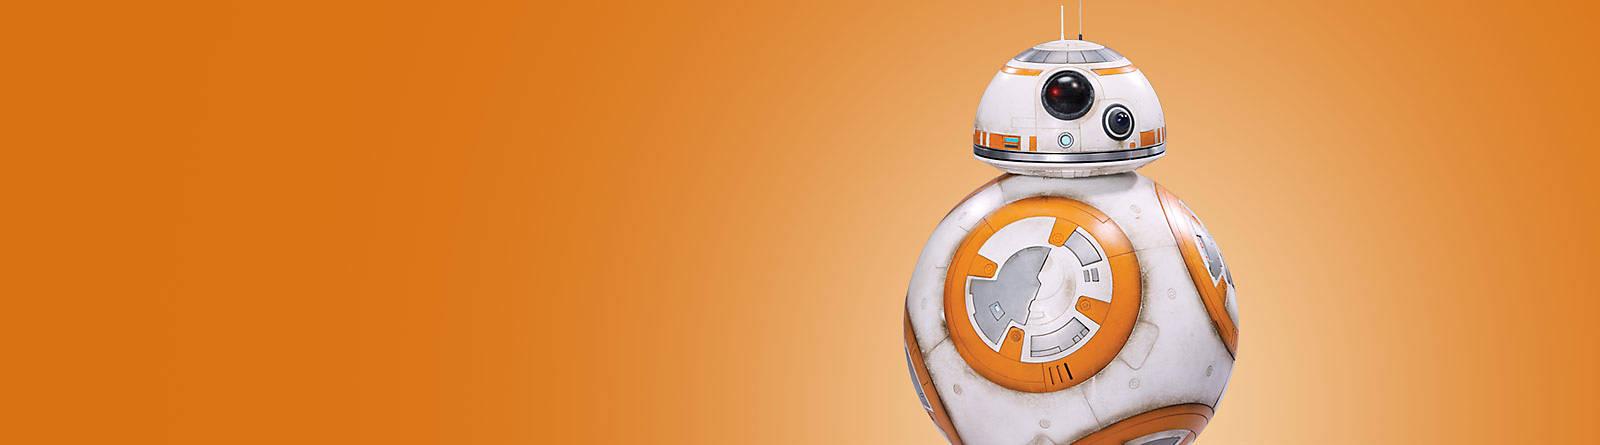 BB-8 La gamme de produits à l'effigie de BB-8 plaira tant aux petits qu'aux grands : peluches, figurines, Lego ou encore chaussettes !